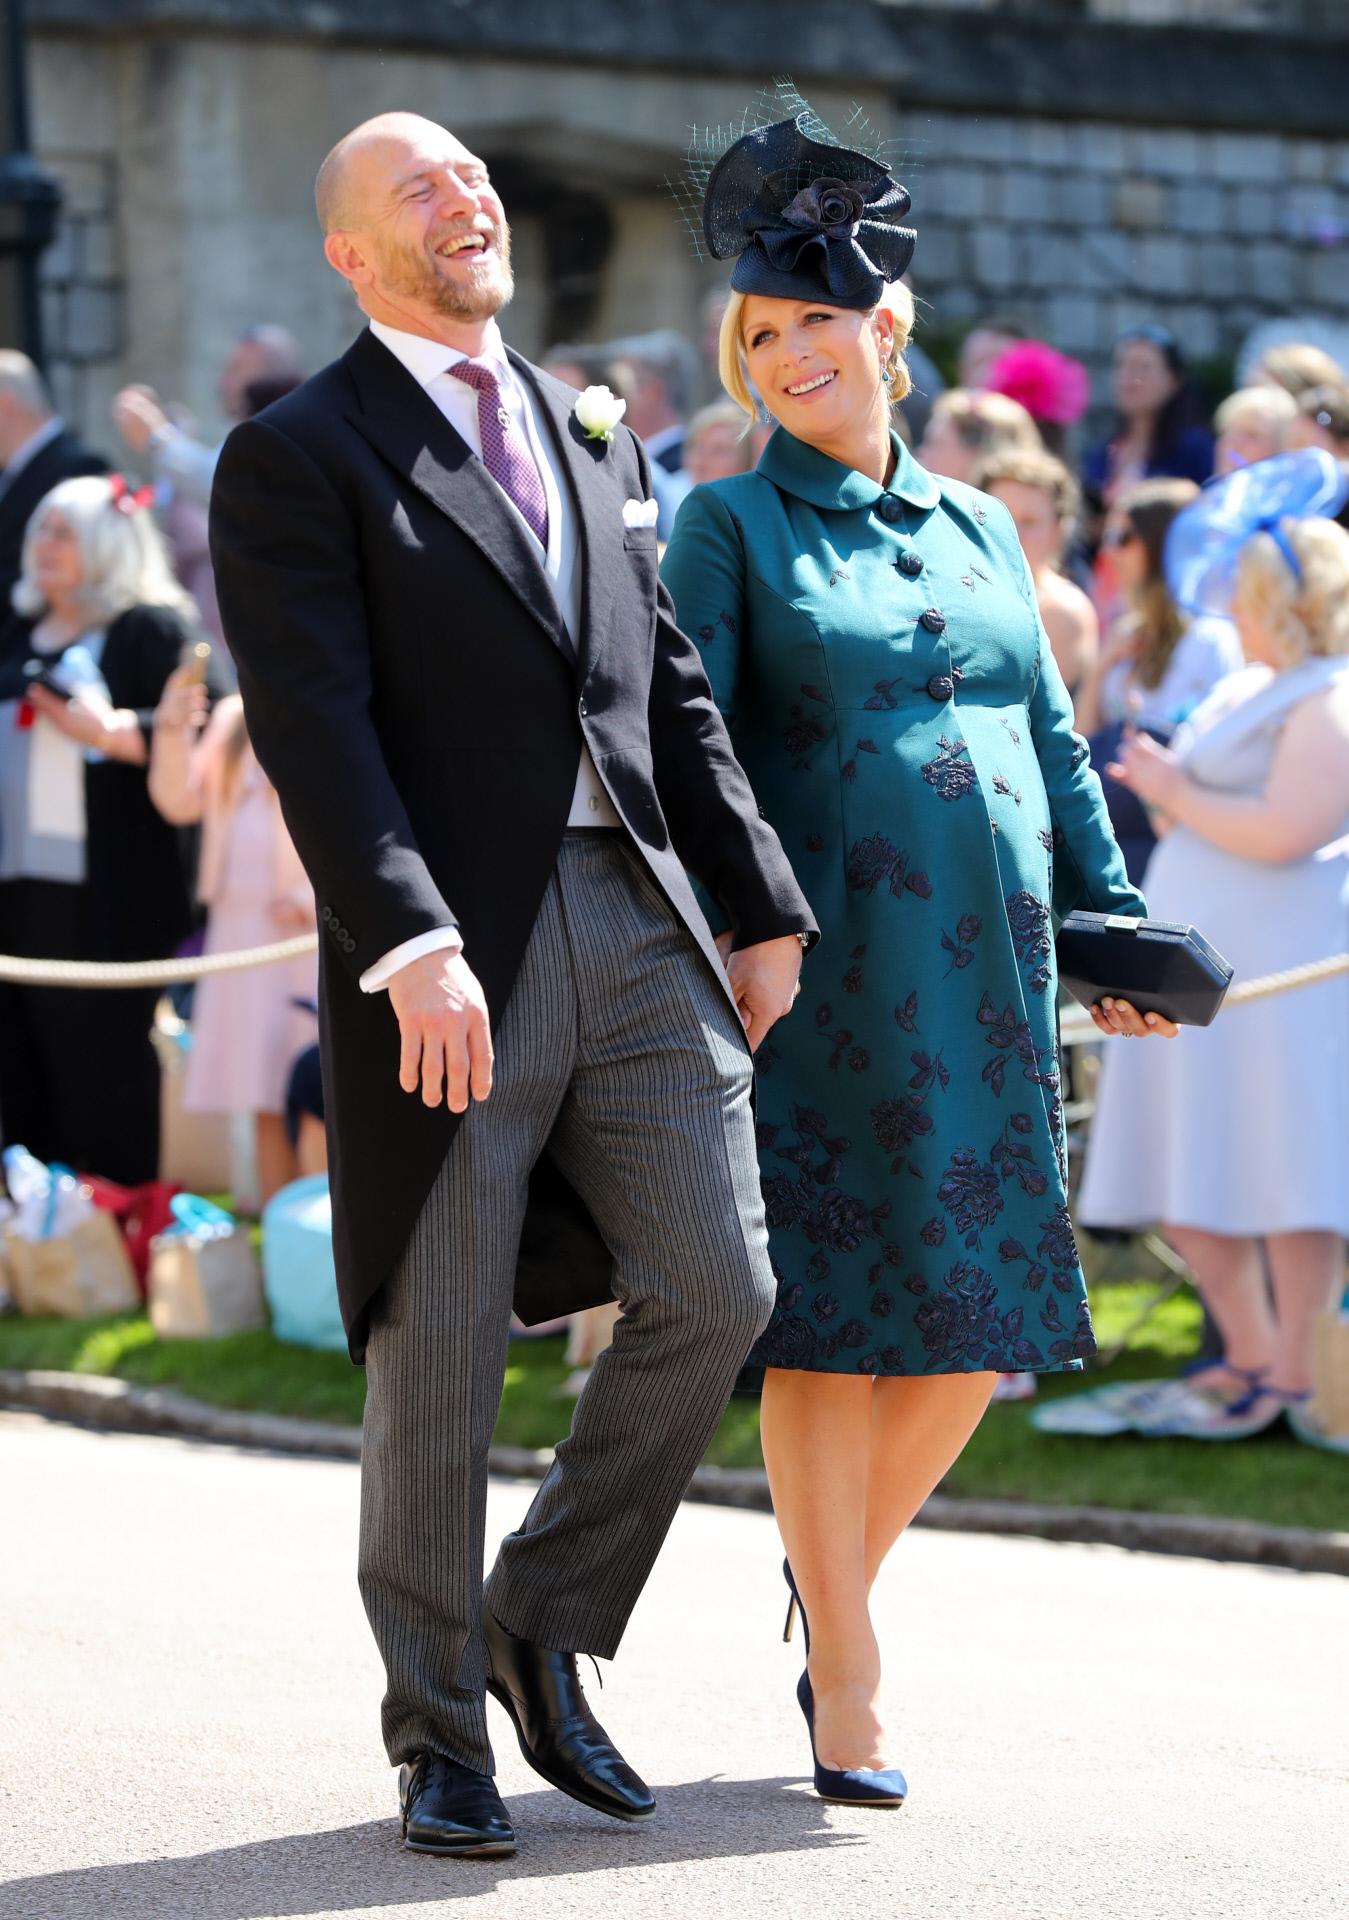 Mike y Zara Tindall, hija de la princesa Ana, a su llegada a la boda...